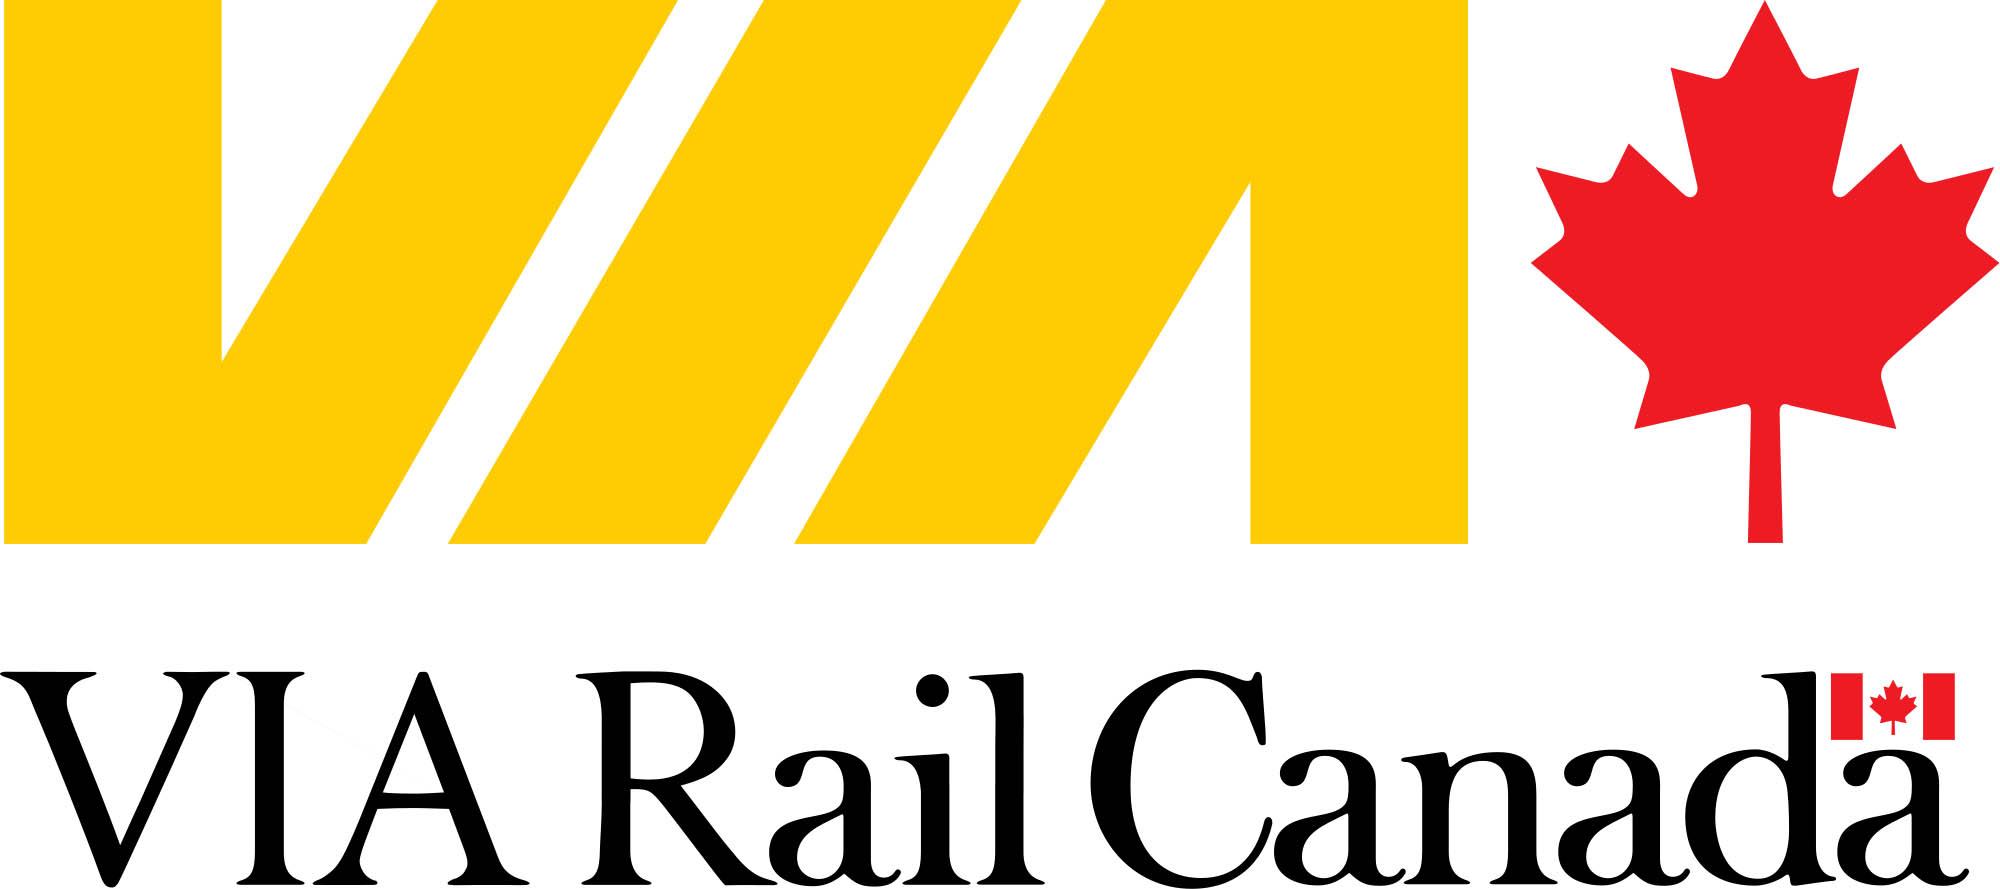 VIA Rail Canada-2.jpg